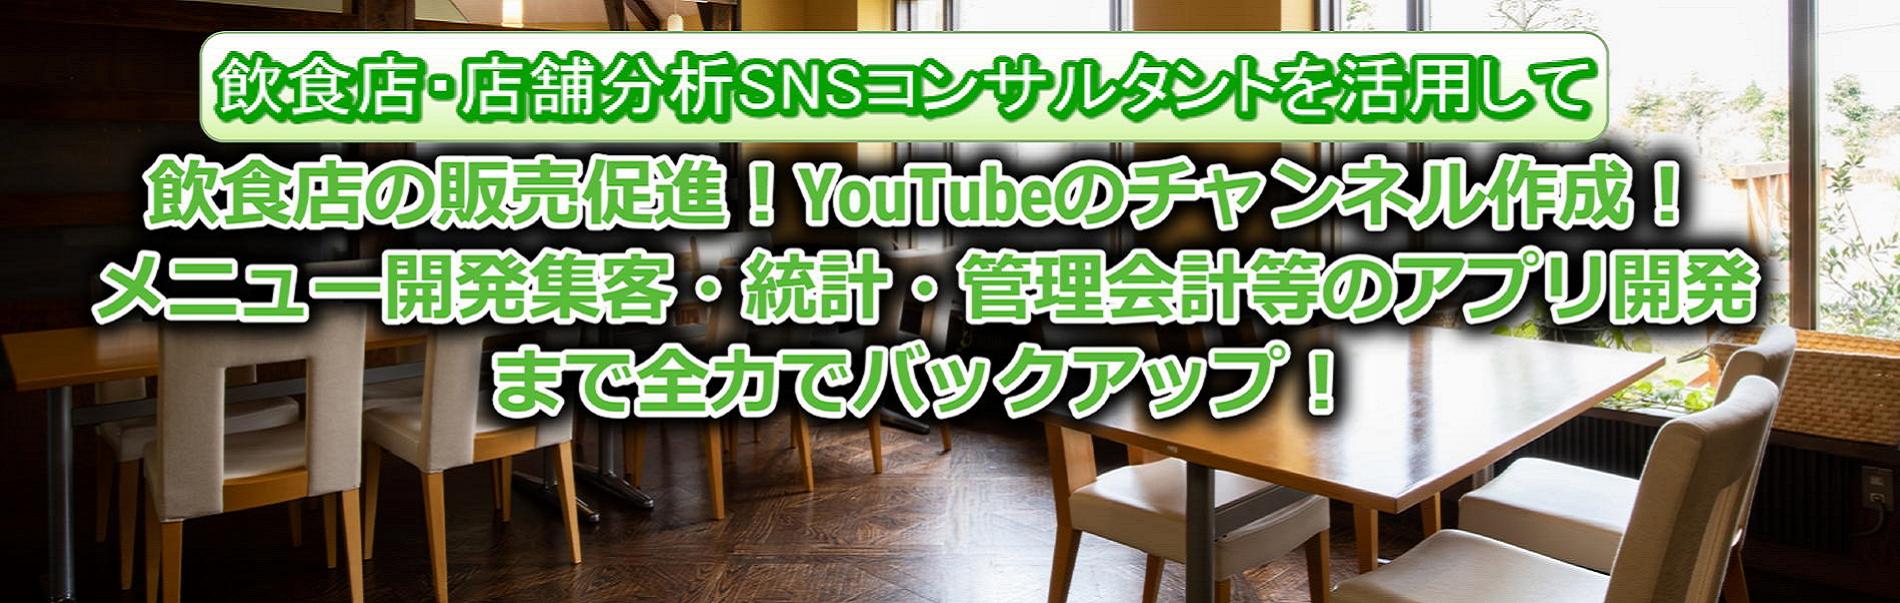 飲食店・店舗分析SNSコンサルタント